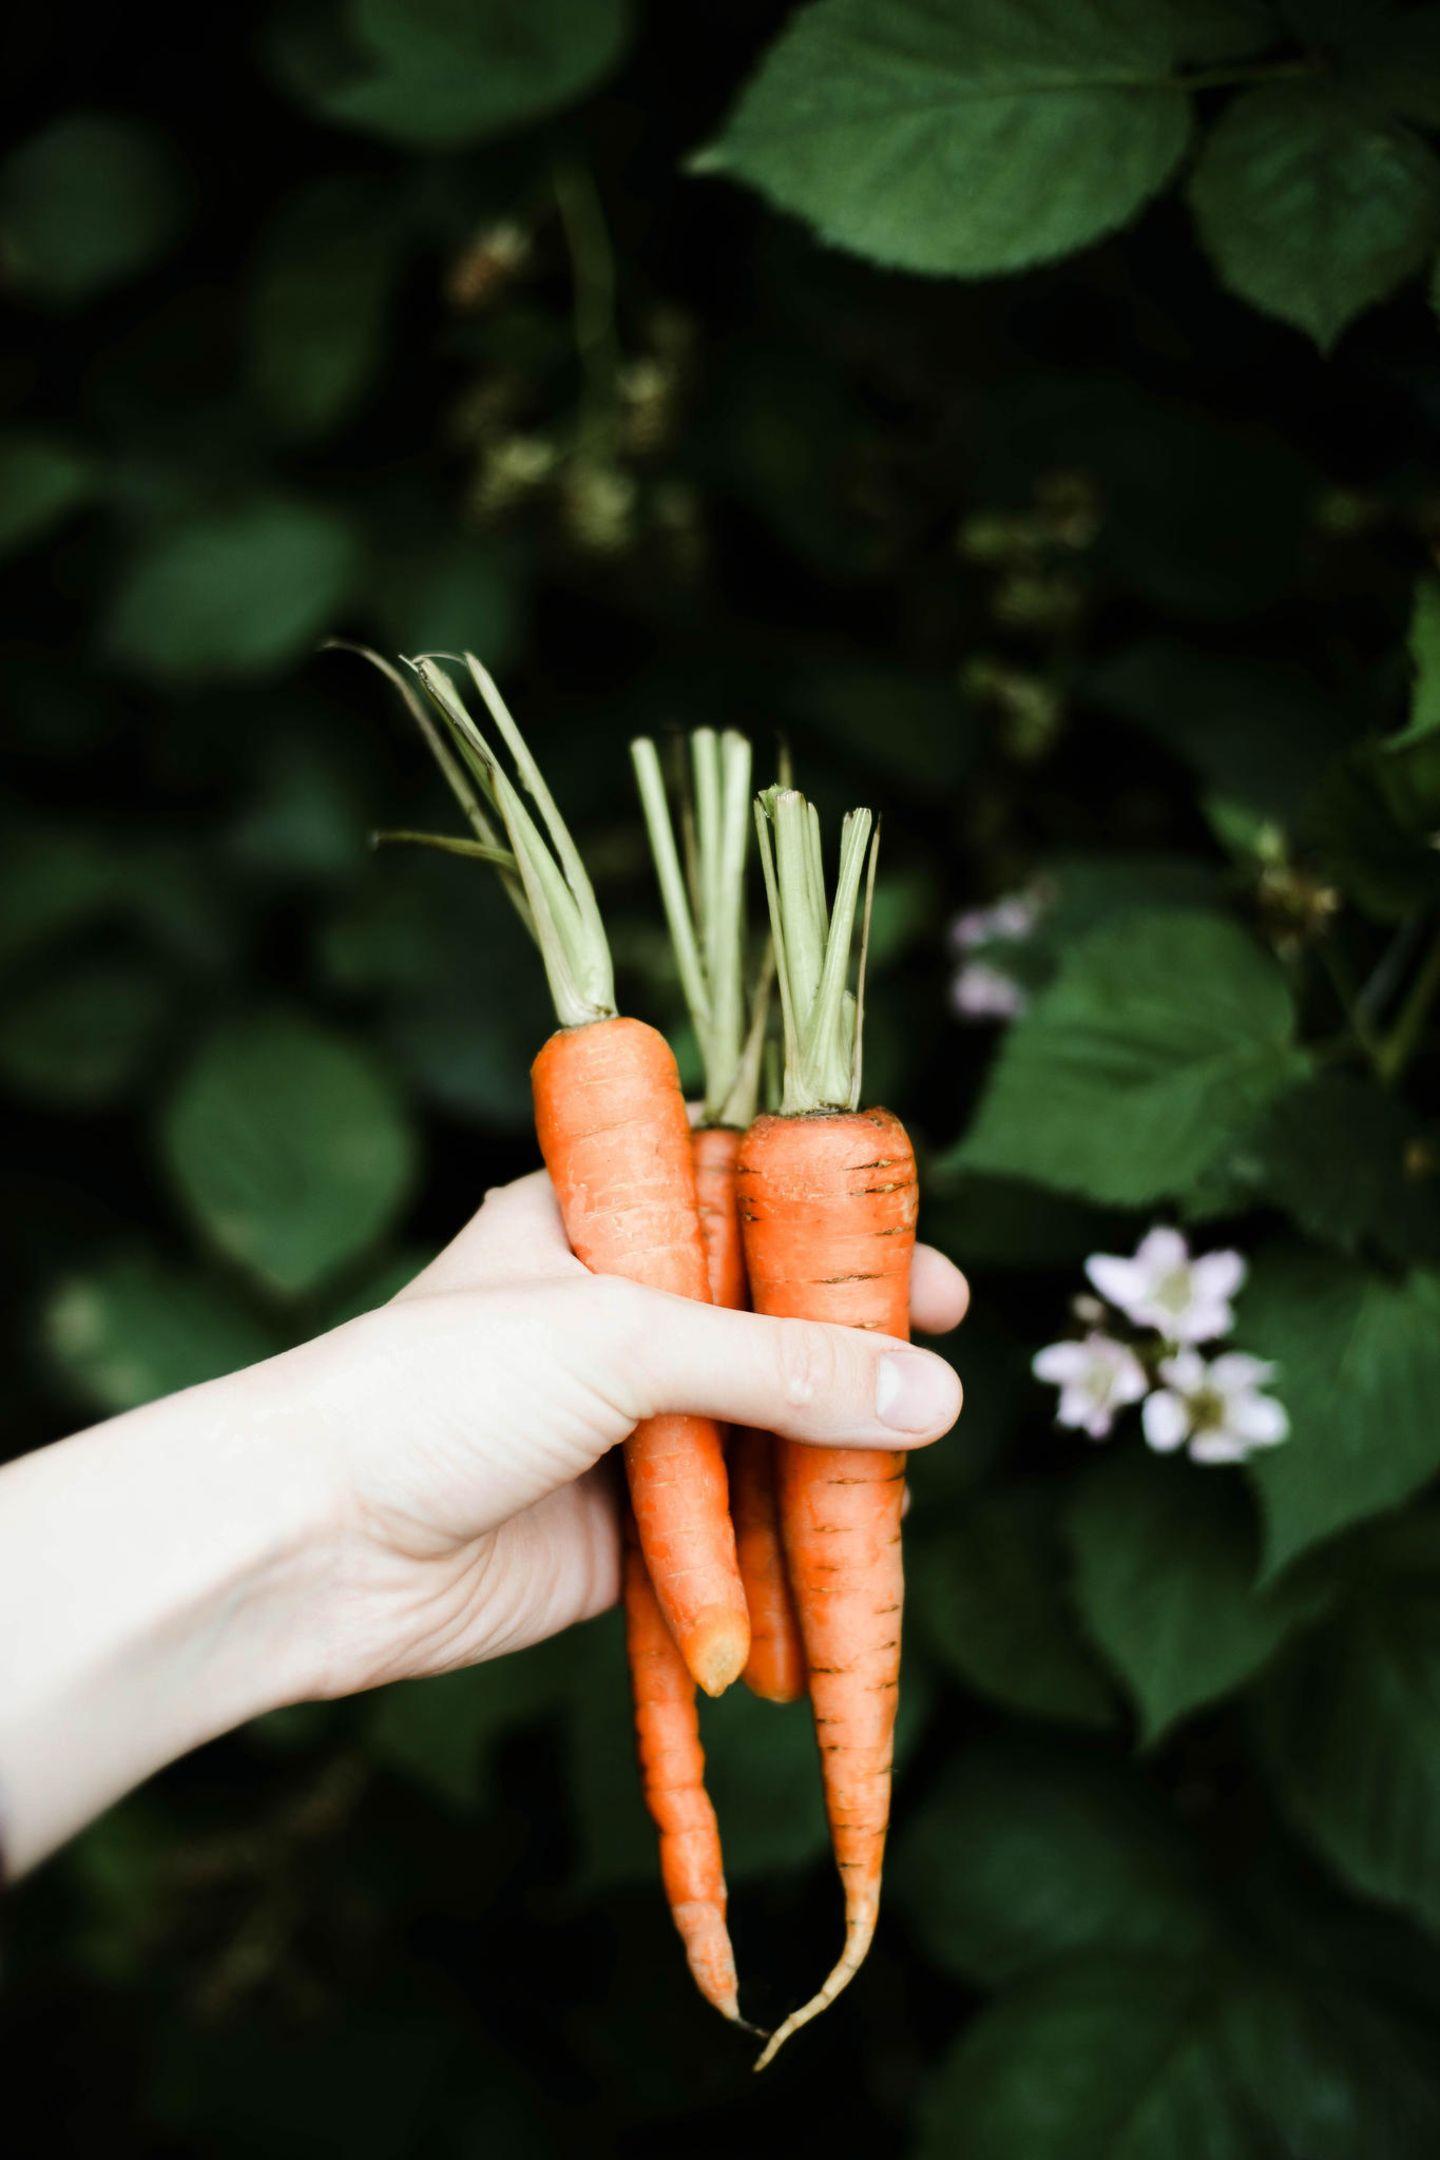 Wer seinen Körper mit Glow-Foods versorgen will, sollte unbedingt zu Karotten greifen. Das orangefarbene Gemüse gehört zu den Klassikern für schöne Haut. SeinGeheimnis: jede Menge Betacarotin. Der Pflanzenfarbstoff verleiht nicht nur den Karotten eine satte Farbe, sondern lässt auch den Teint des Essers schön erstrahlen.